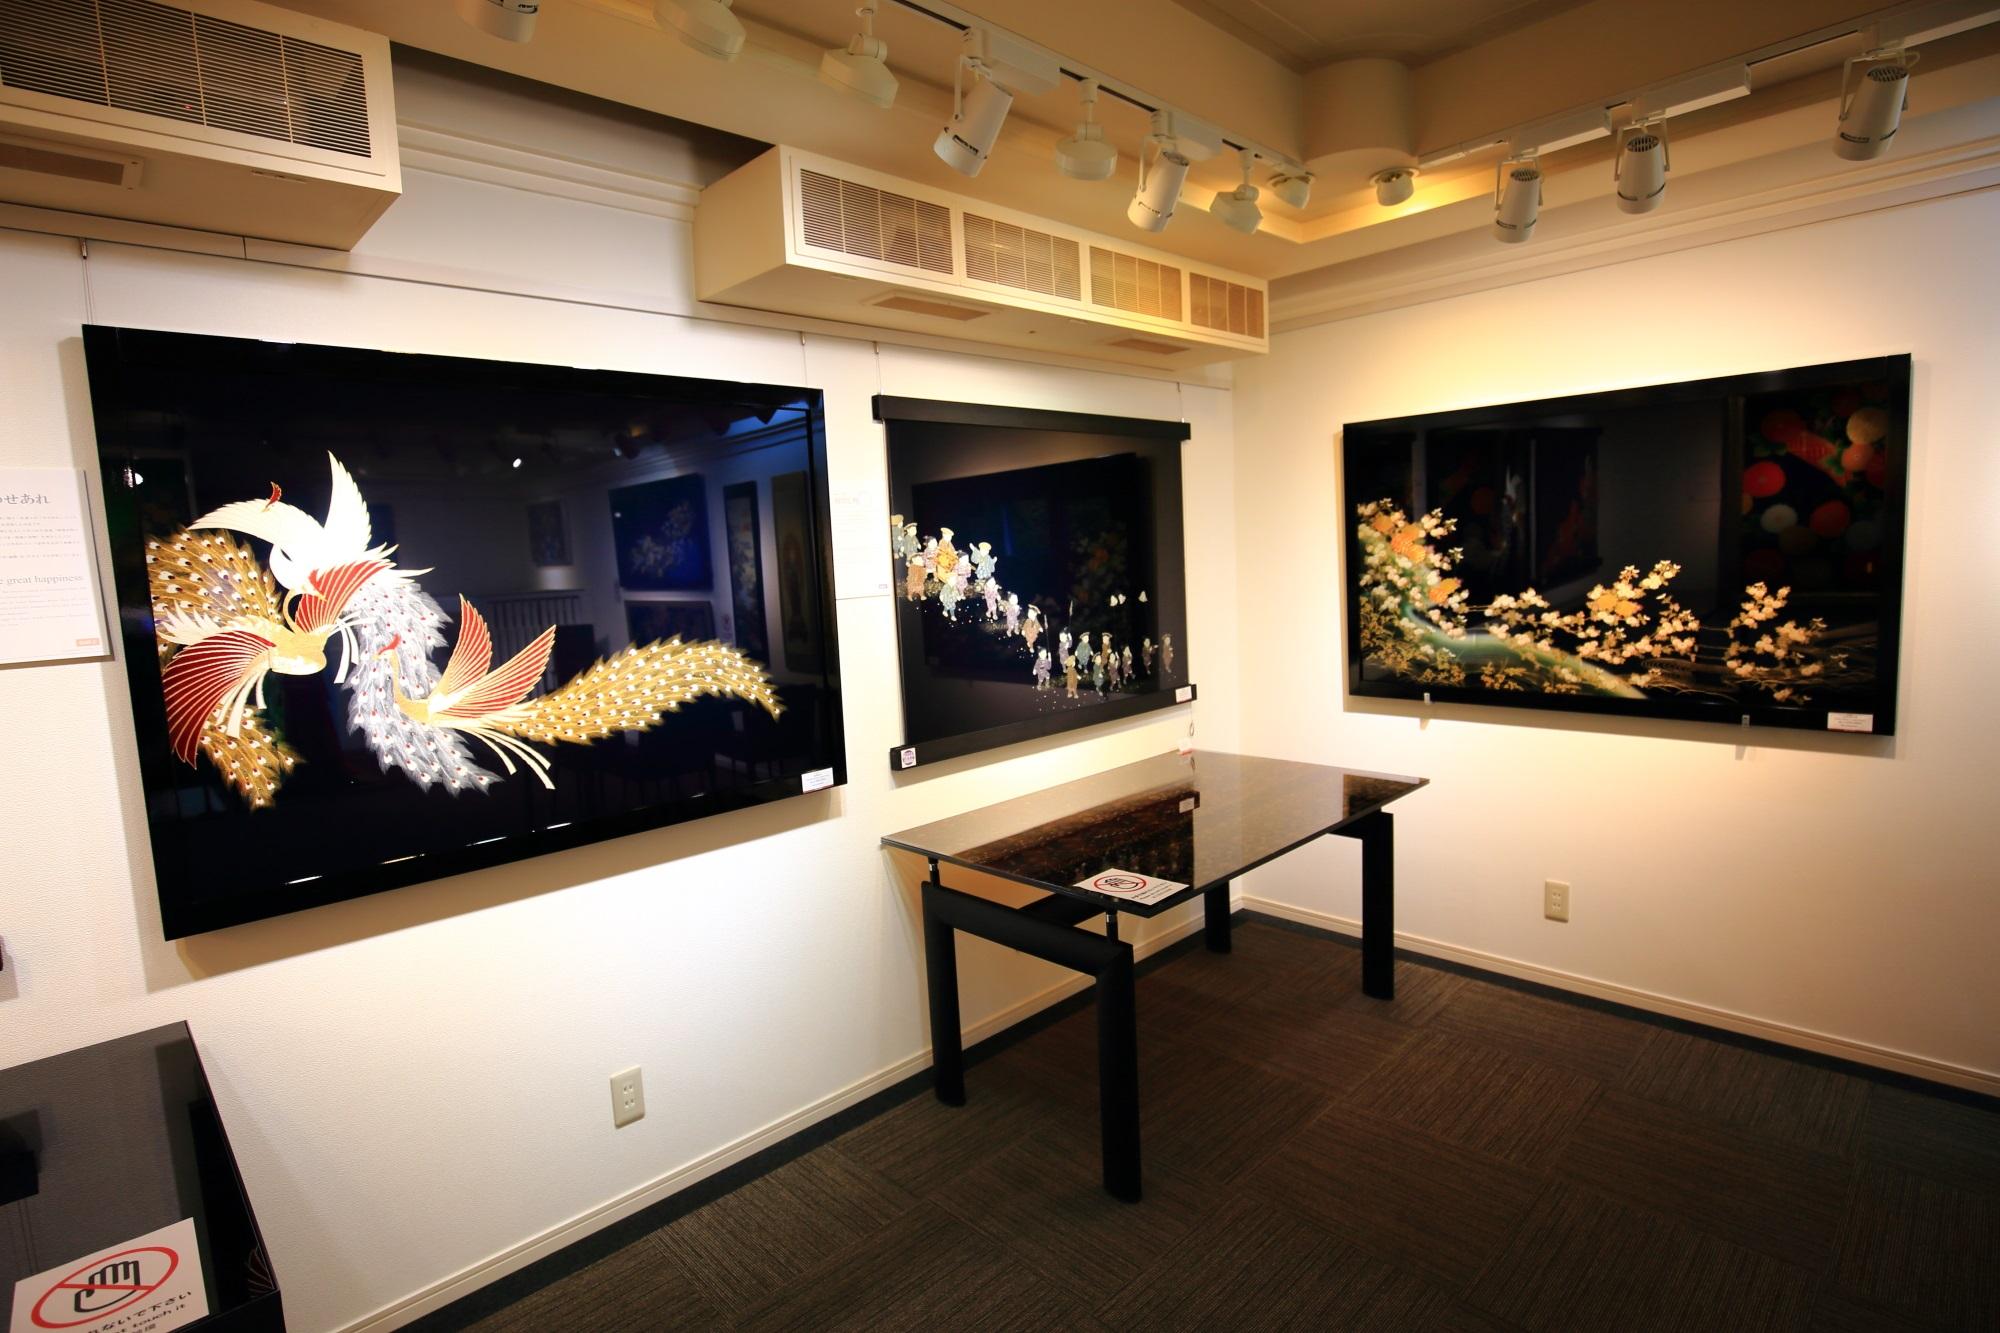 和硝子屋祇園ギャラリーの2階の和柄のガラス